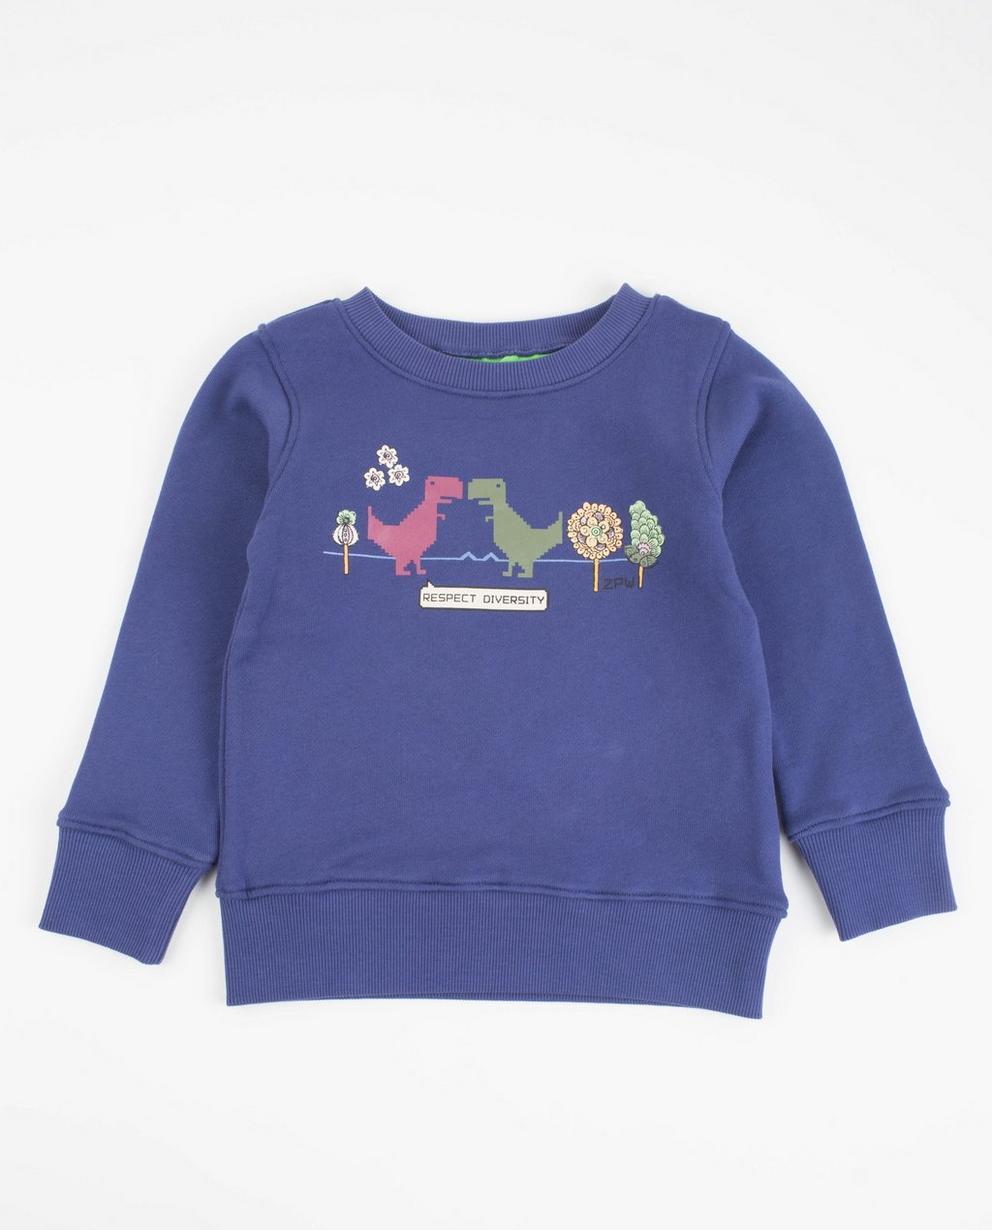 Blauvioletter Sweater - ZulupaPUWA - Unisex - ZulupaPUWA